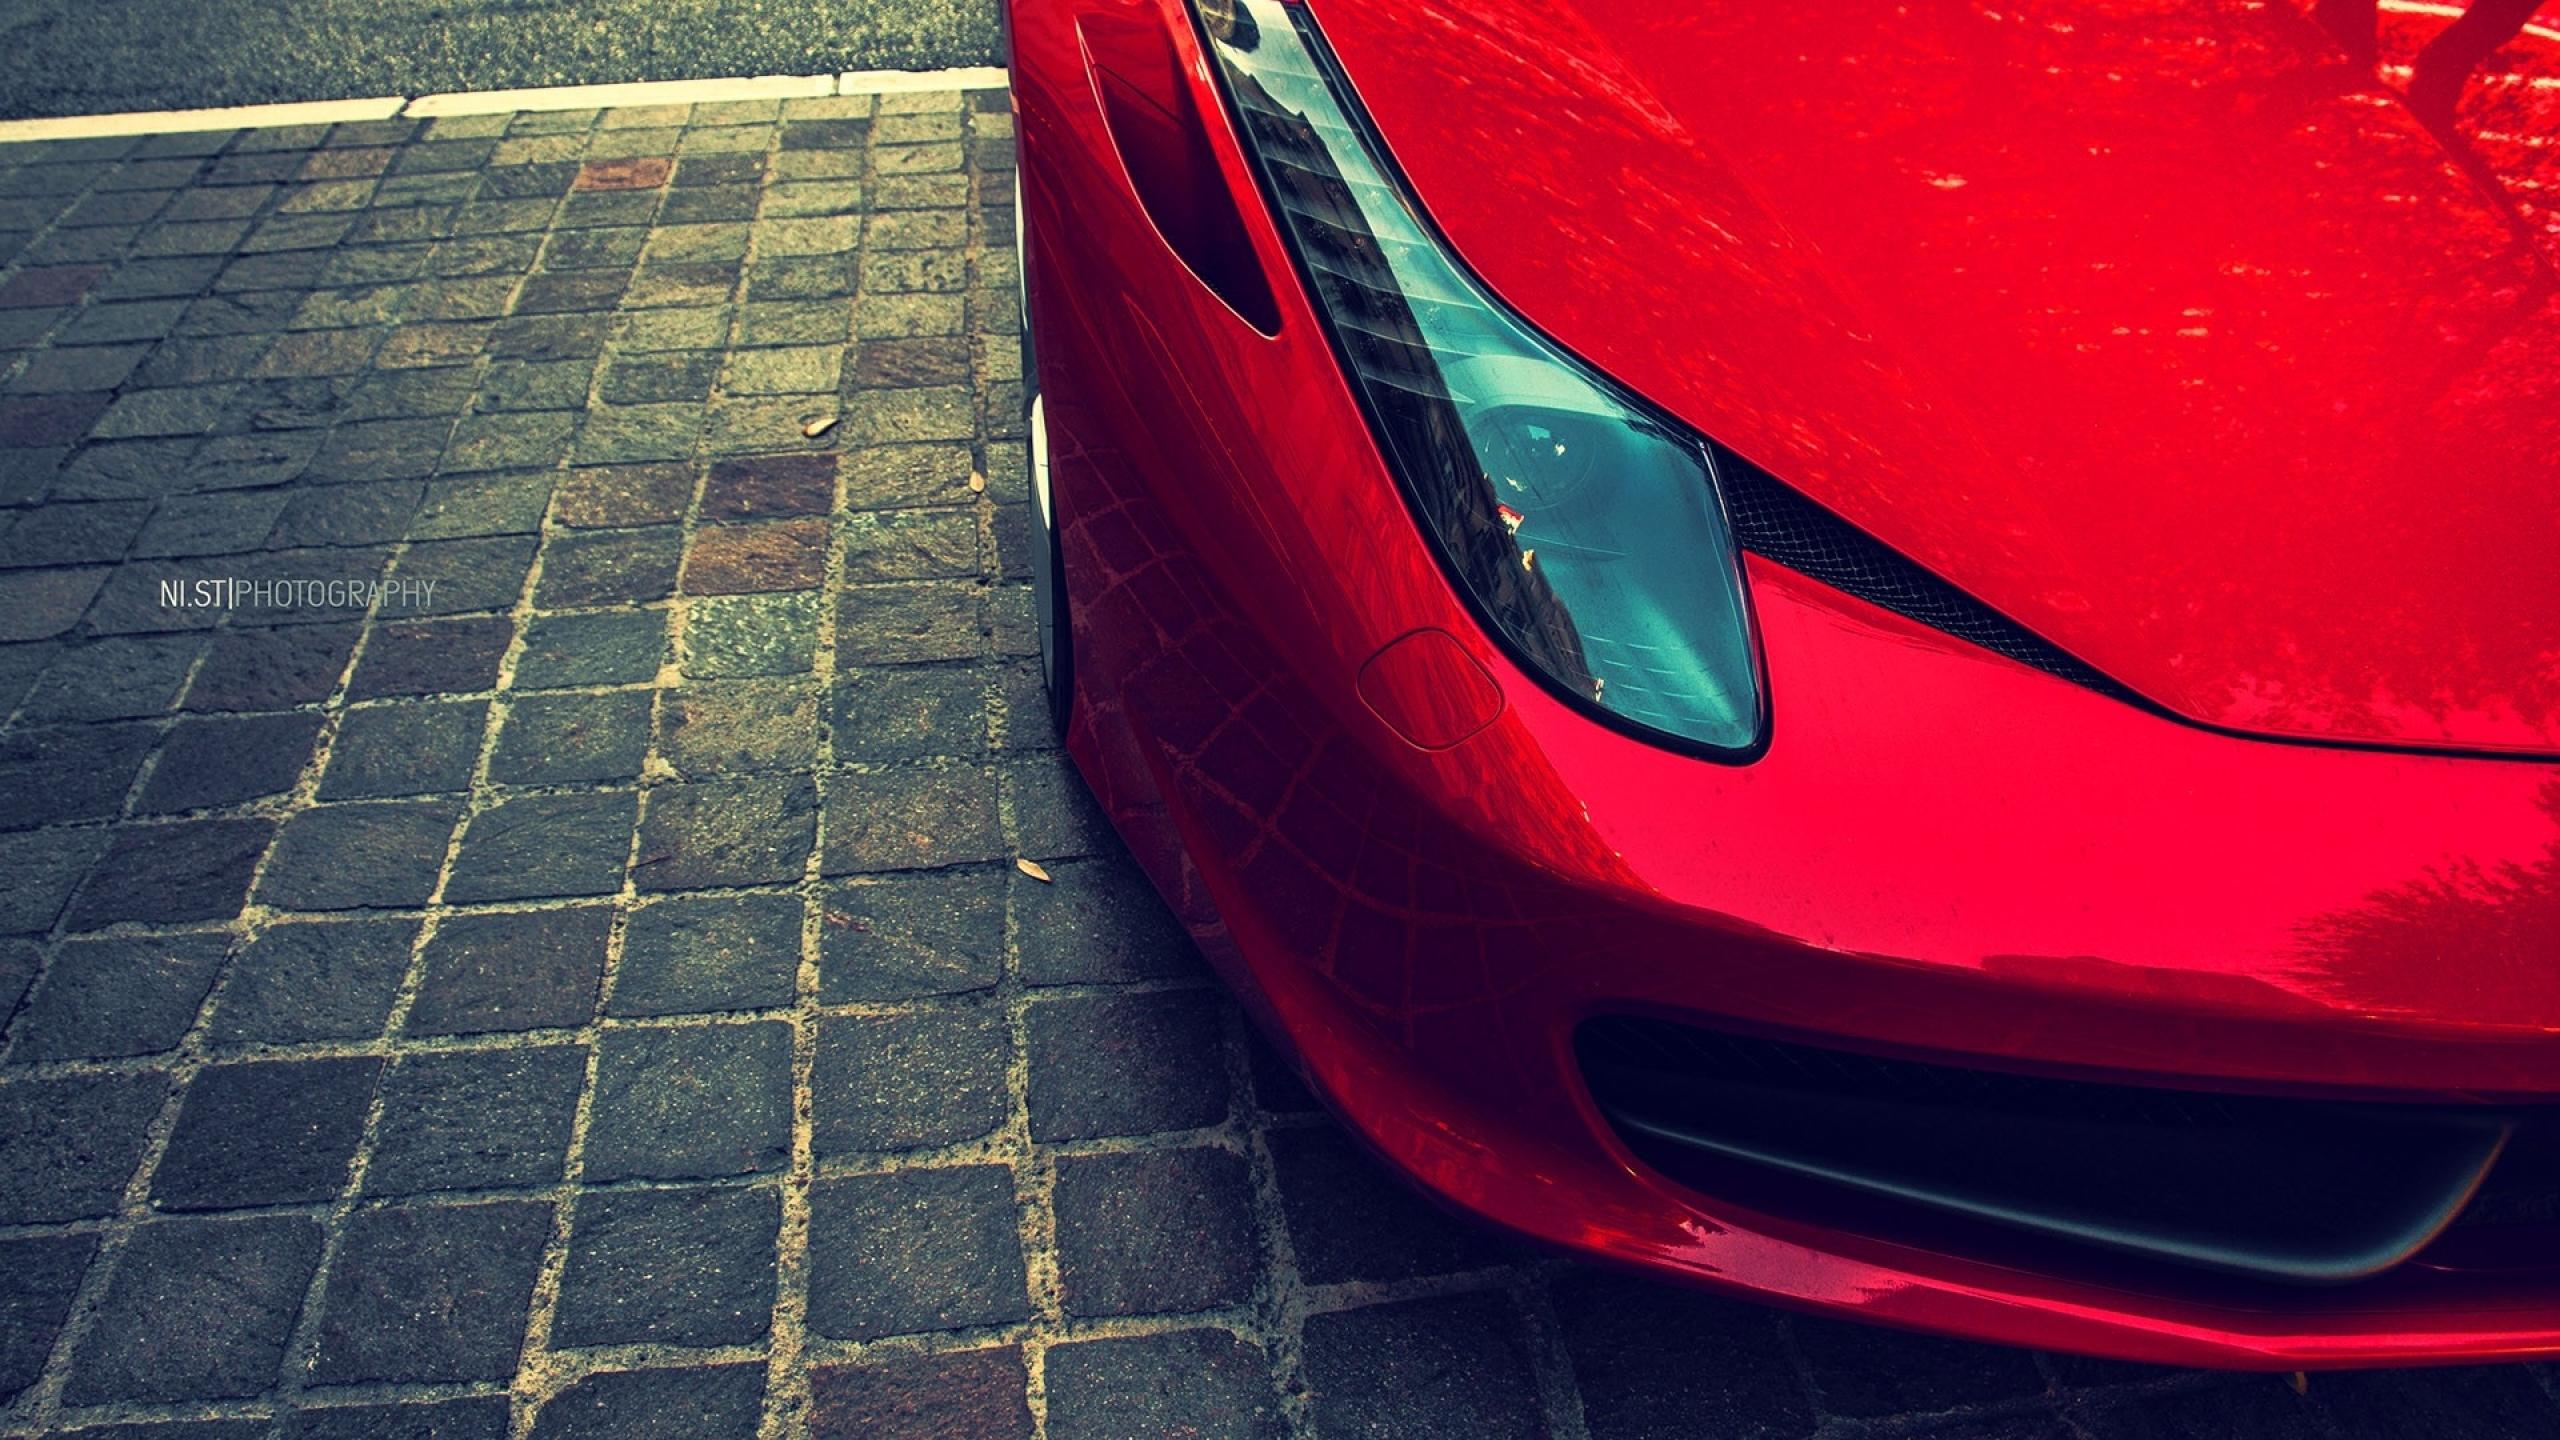 Ultra Hd Wallpapers Cars Ferrari on wal 2560x1440